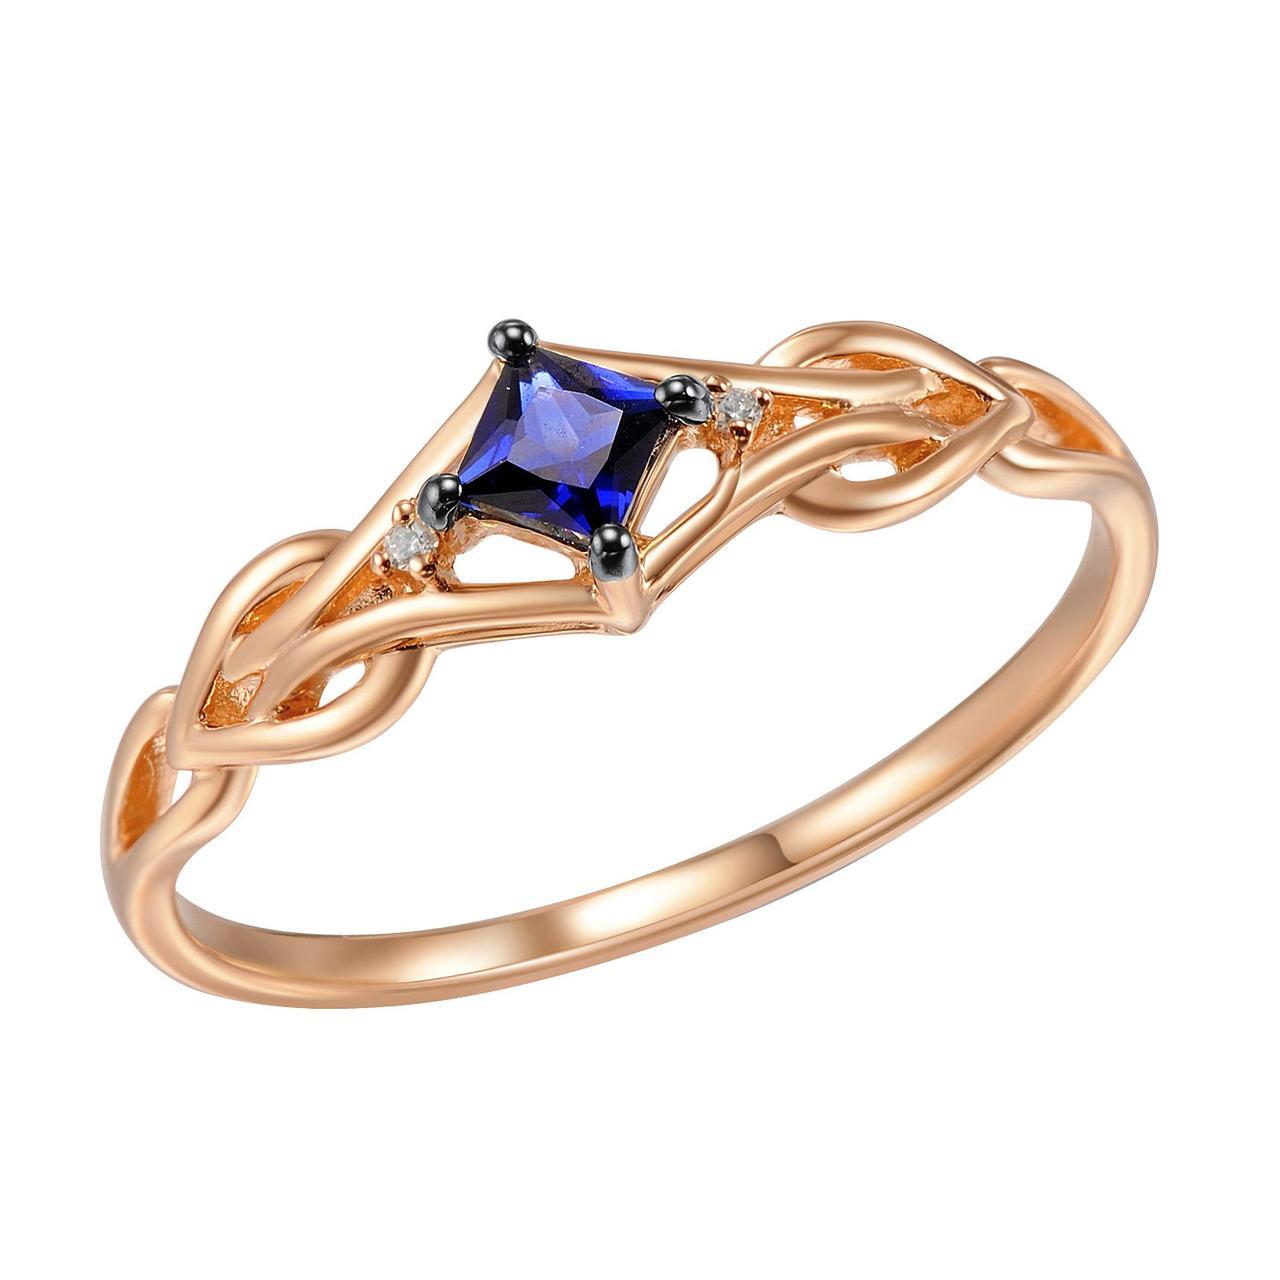 Золотое кольцо с бриллиантами и сапфиром, размер 16.5 (1509431)